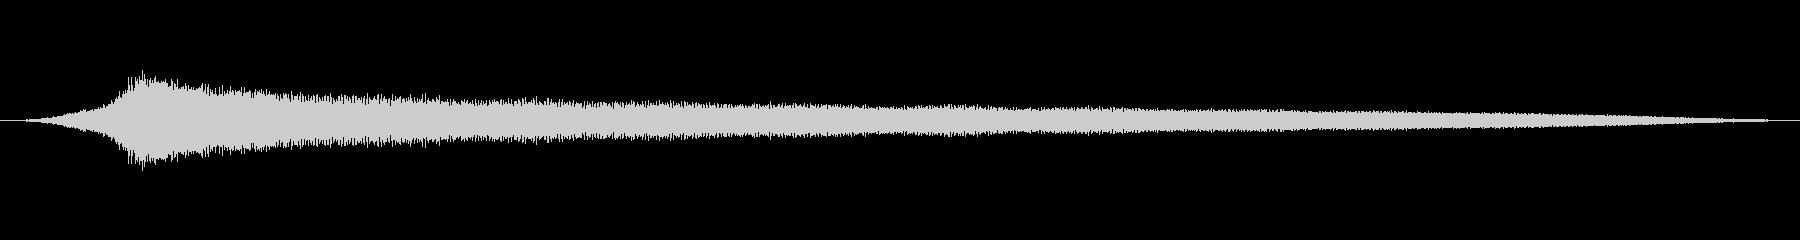 オールドライドシンボルボウCU 7の未再生の波形